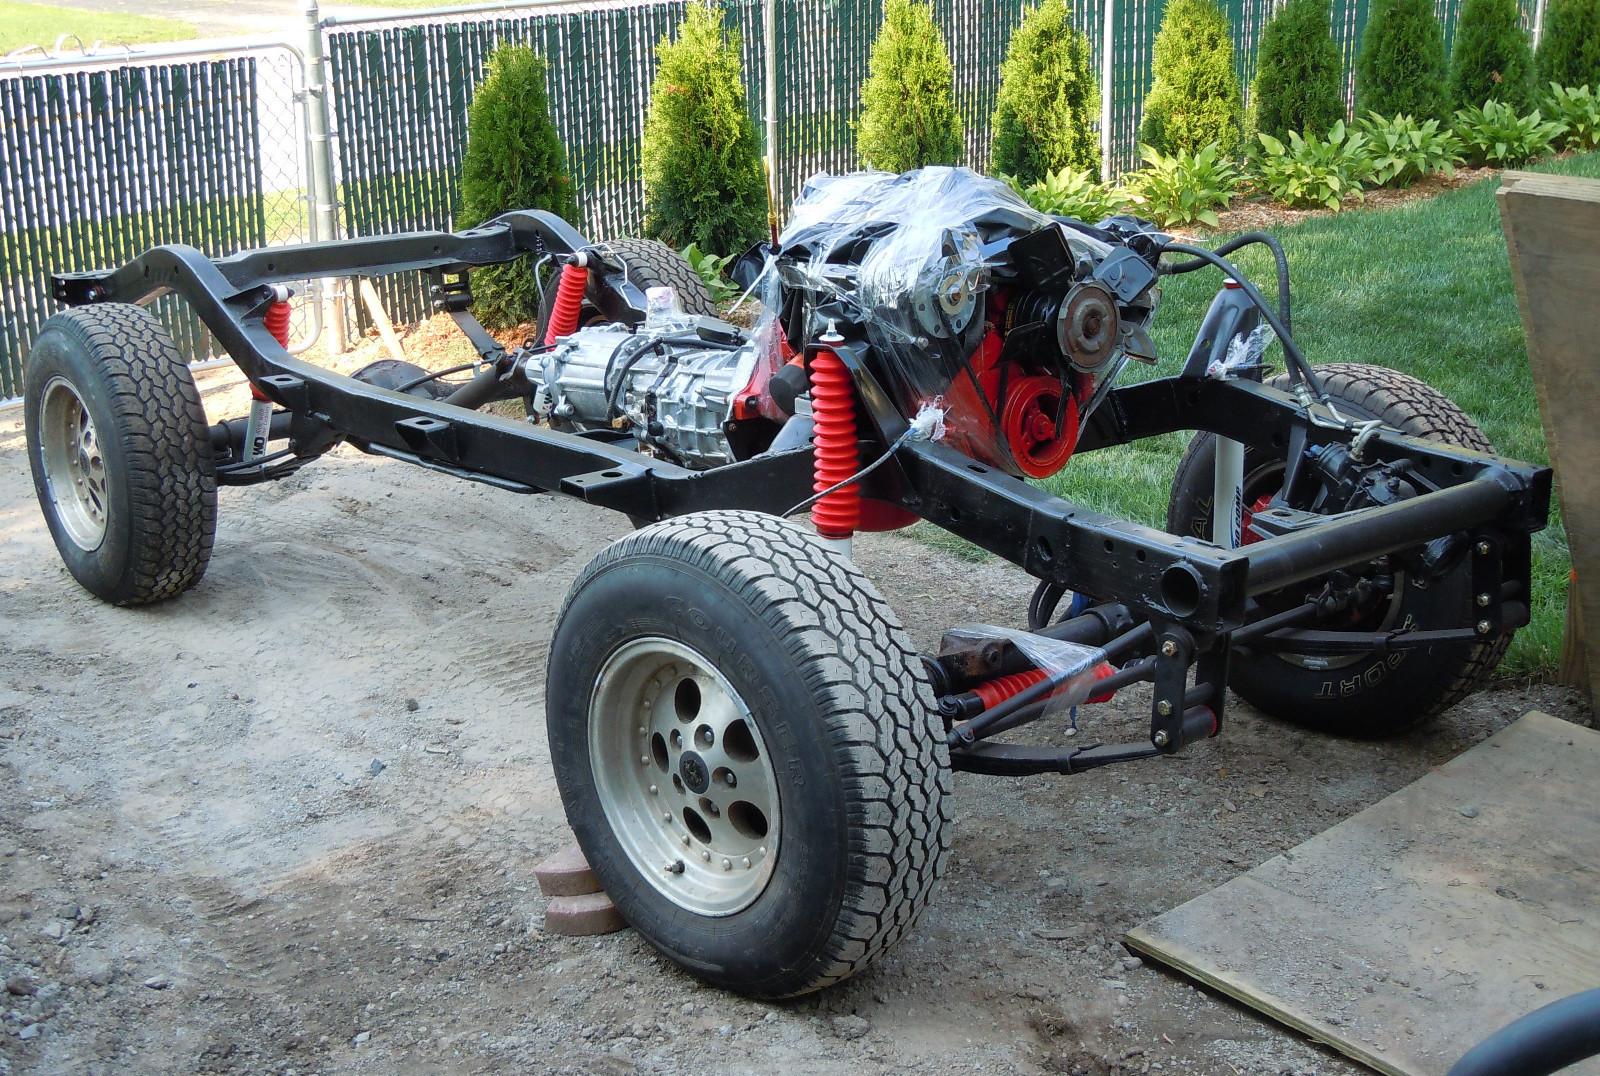 Wunderbar Gebrauchte Jeep Rahmen Fotos - Benutzerdefinierte ...